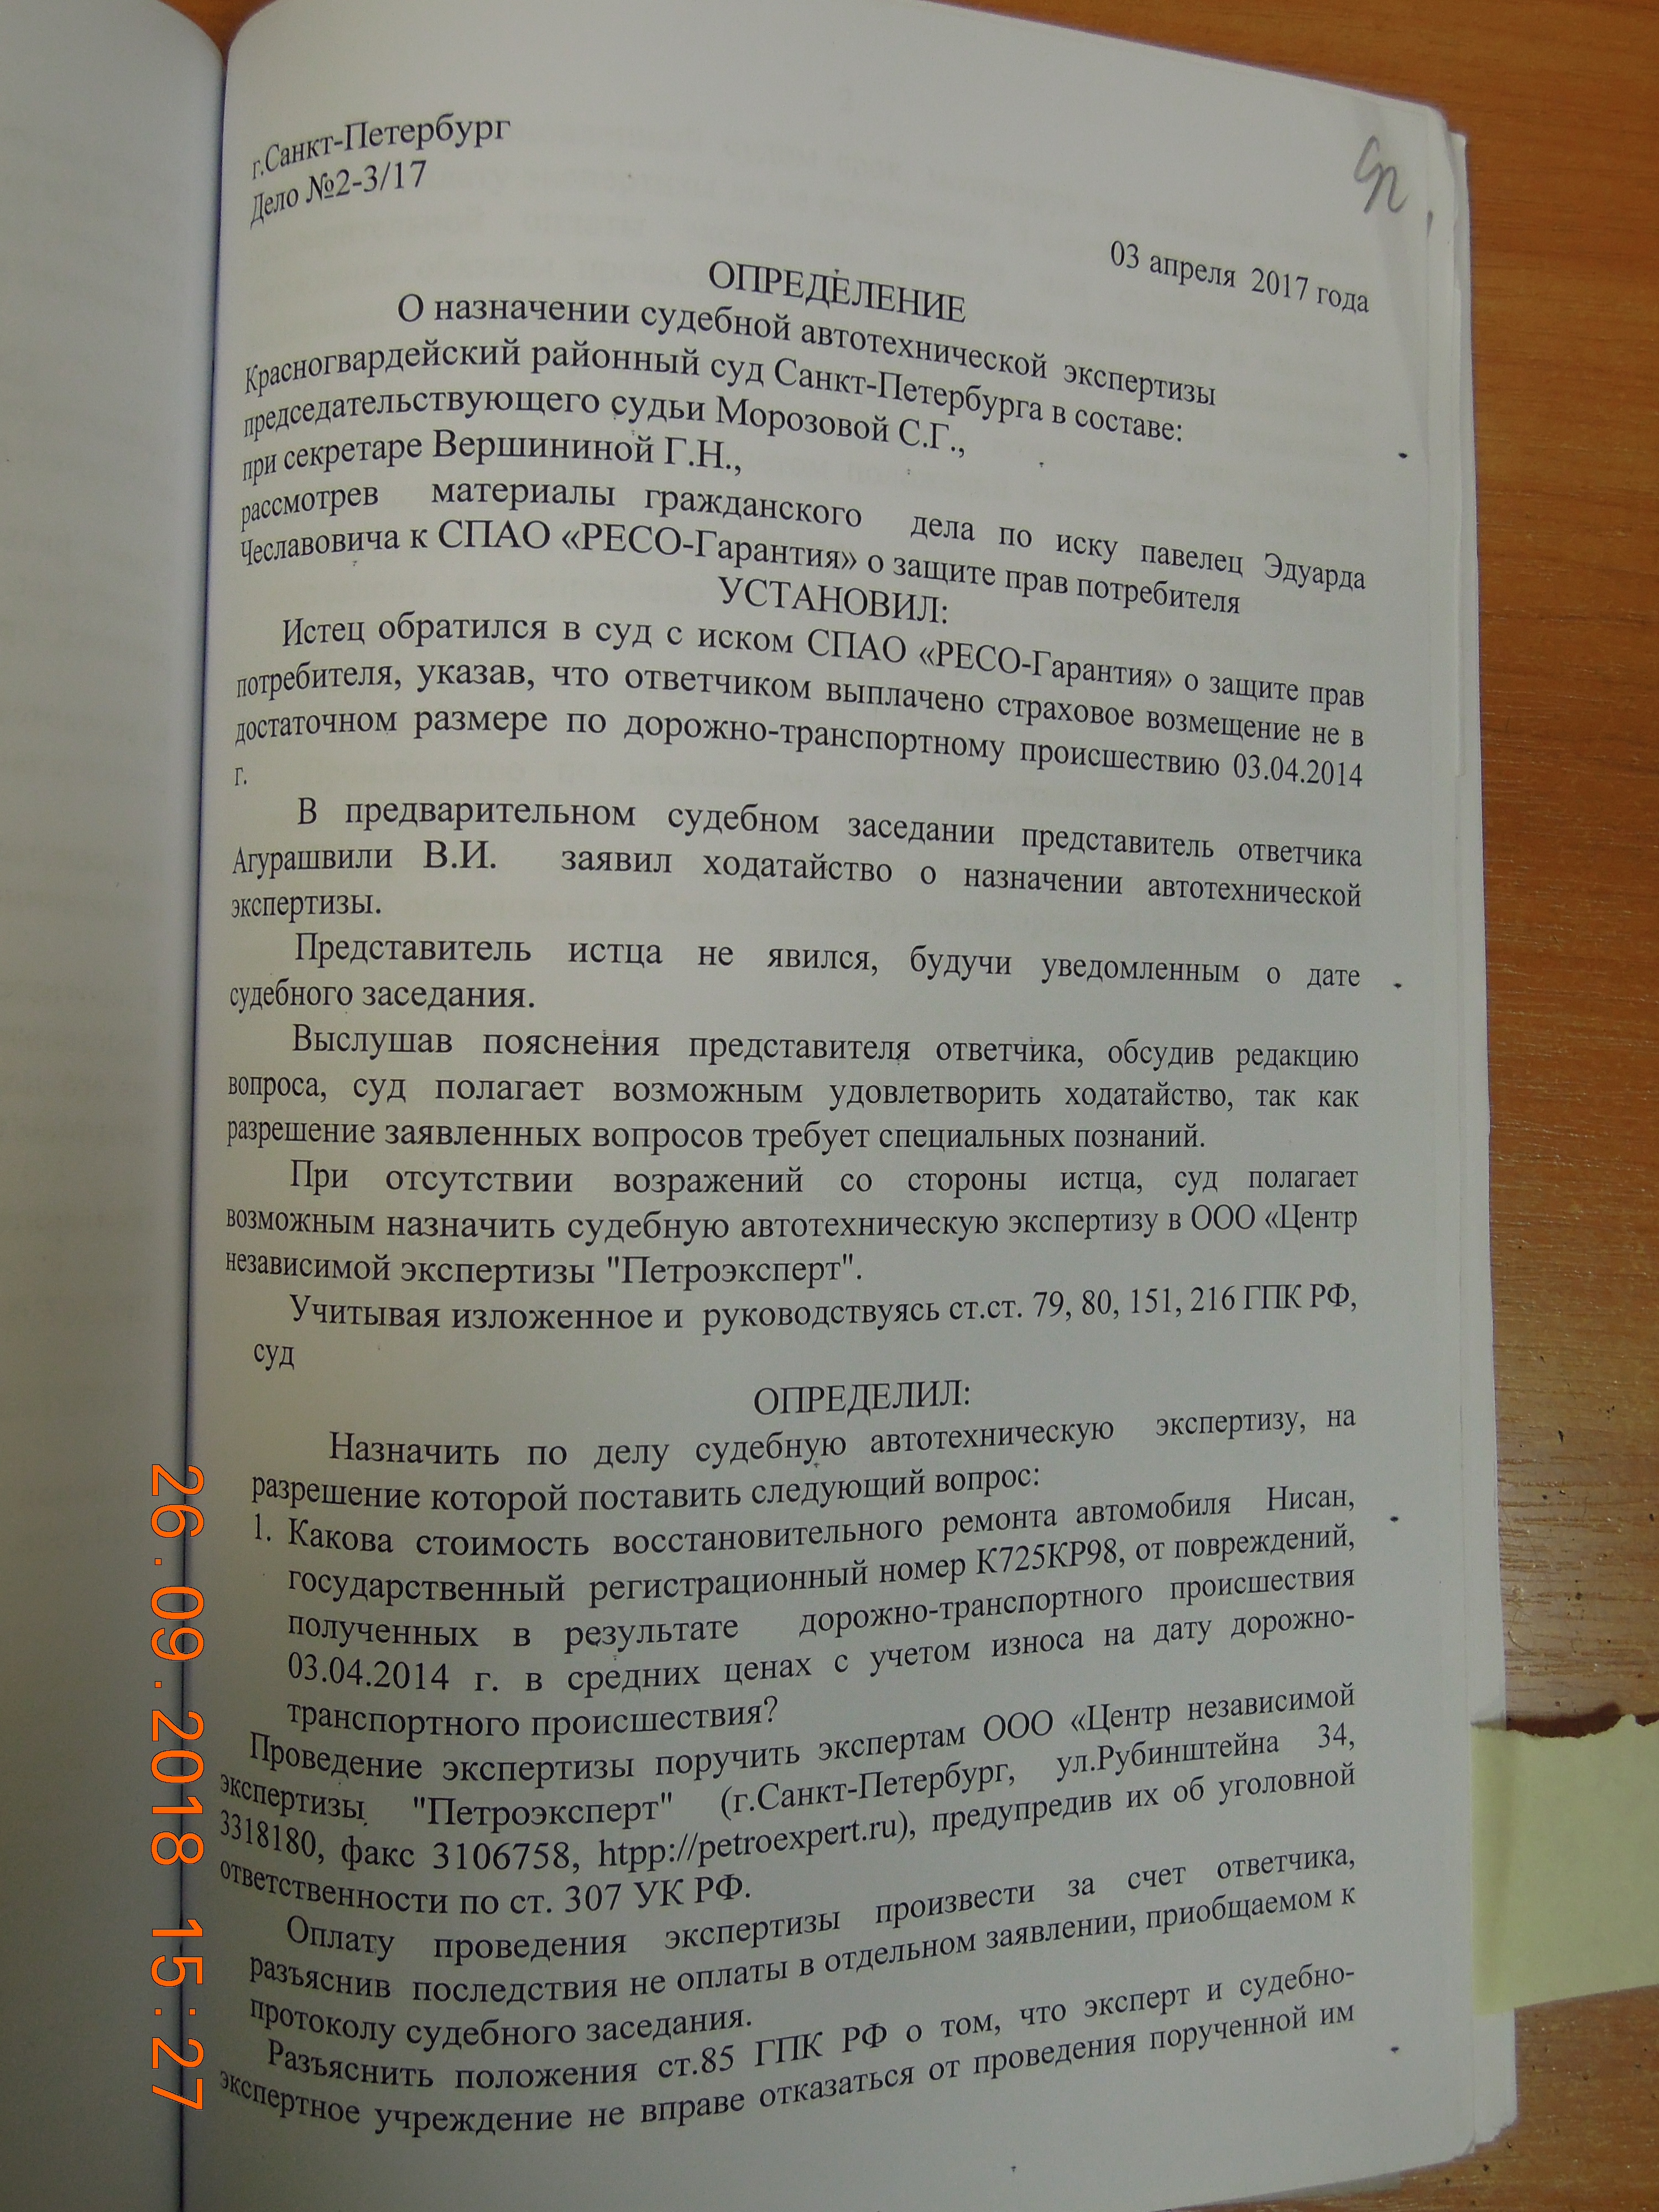 DSCN4540.JPG